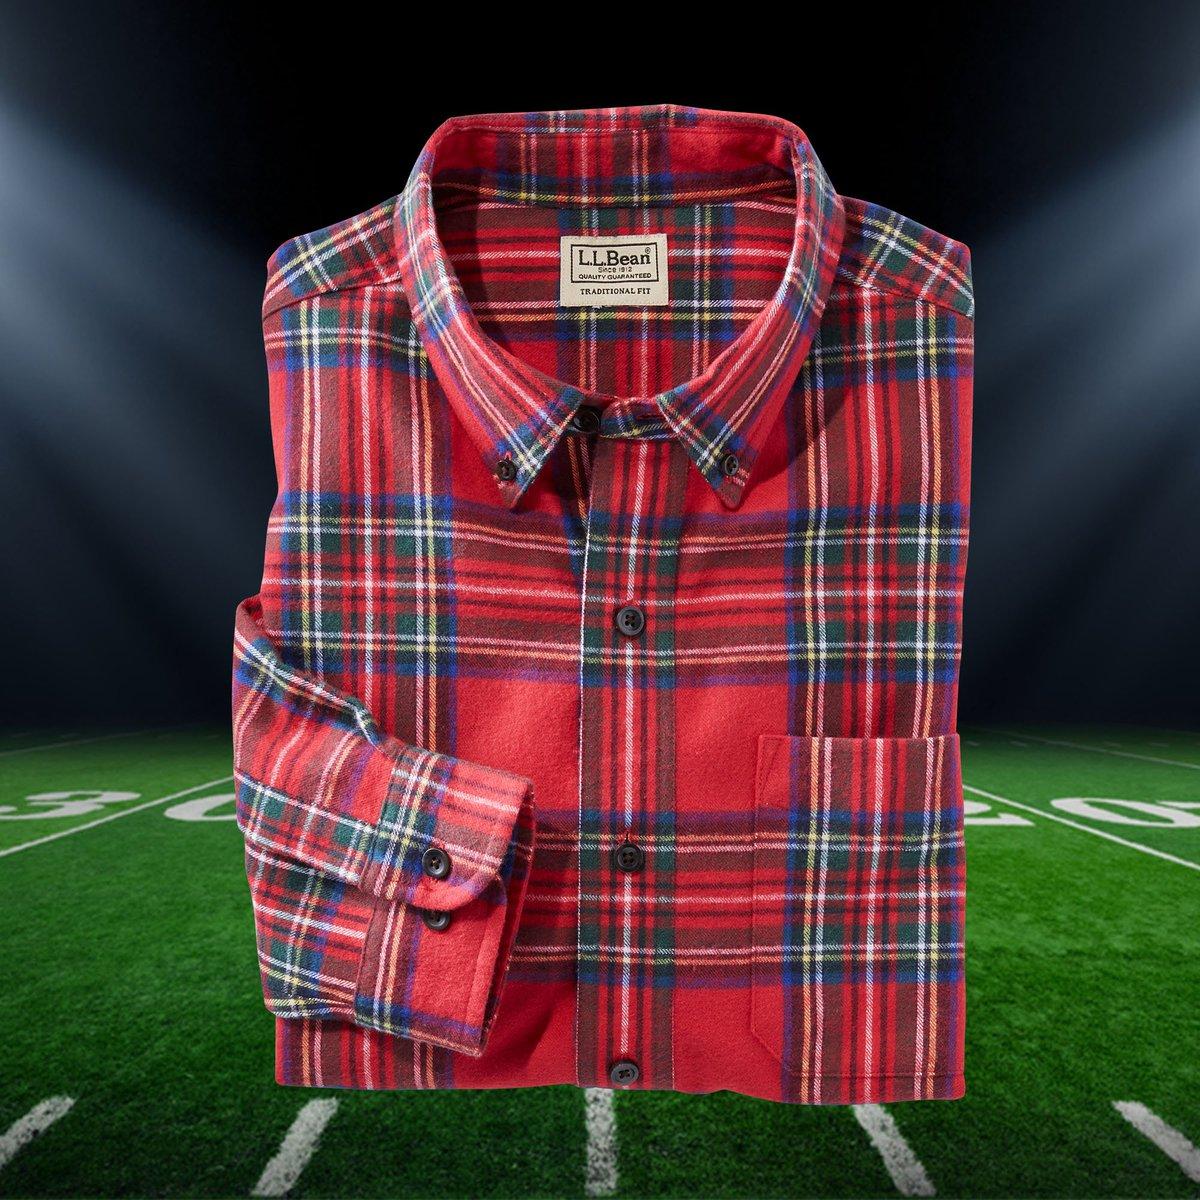 903ec50bcd11b8 Ll Bean Scotch Plaid Flannel Shirt Womens - BCD Tofu House